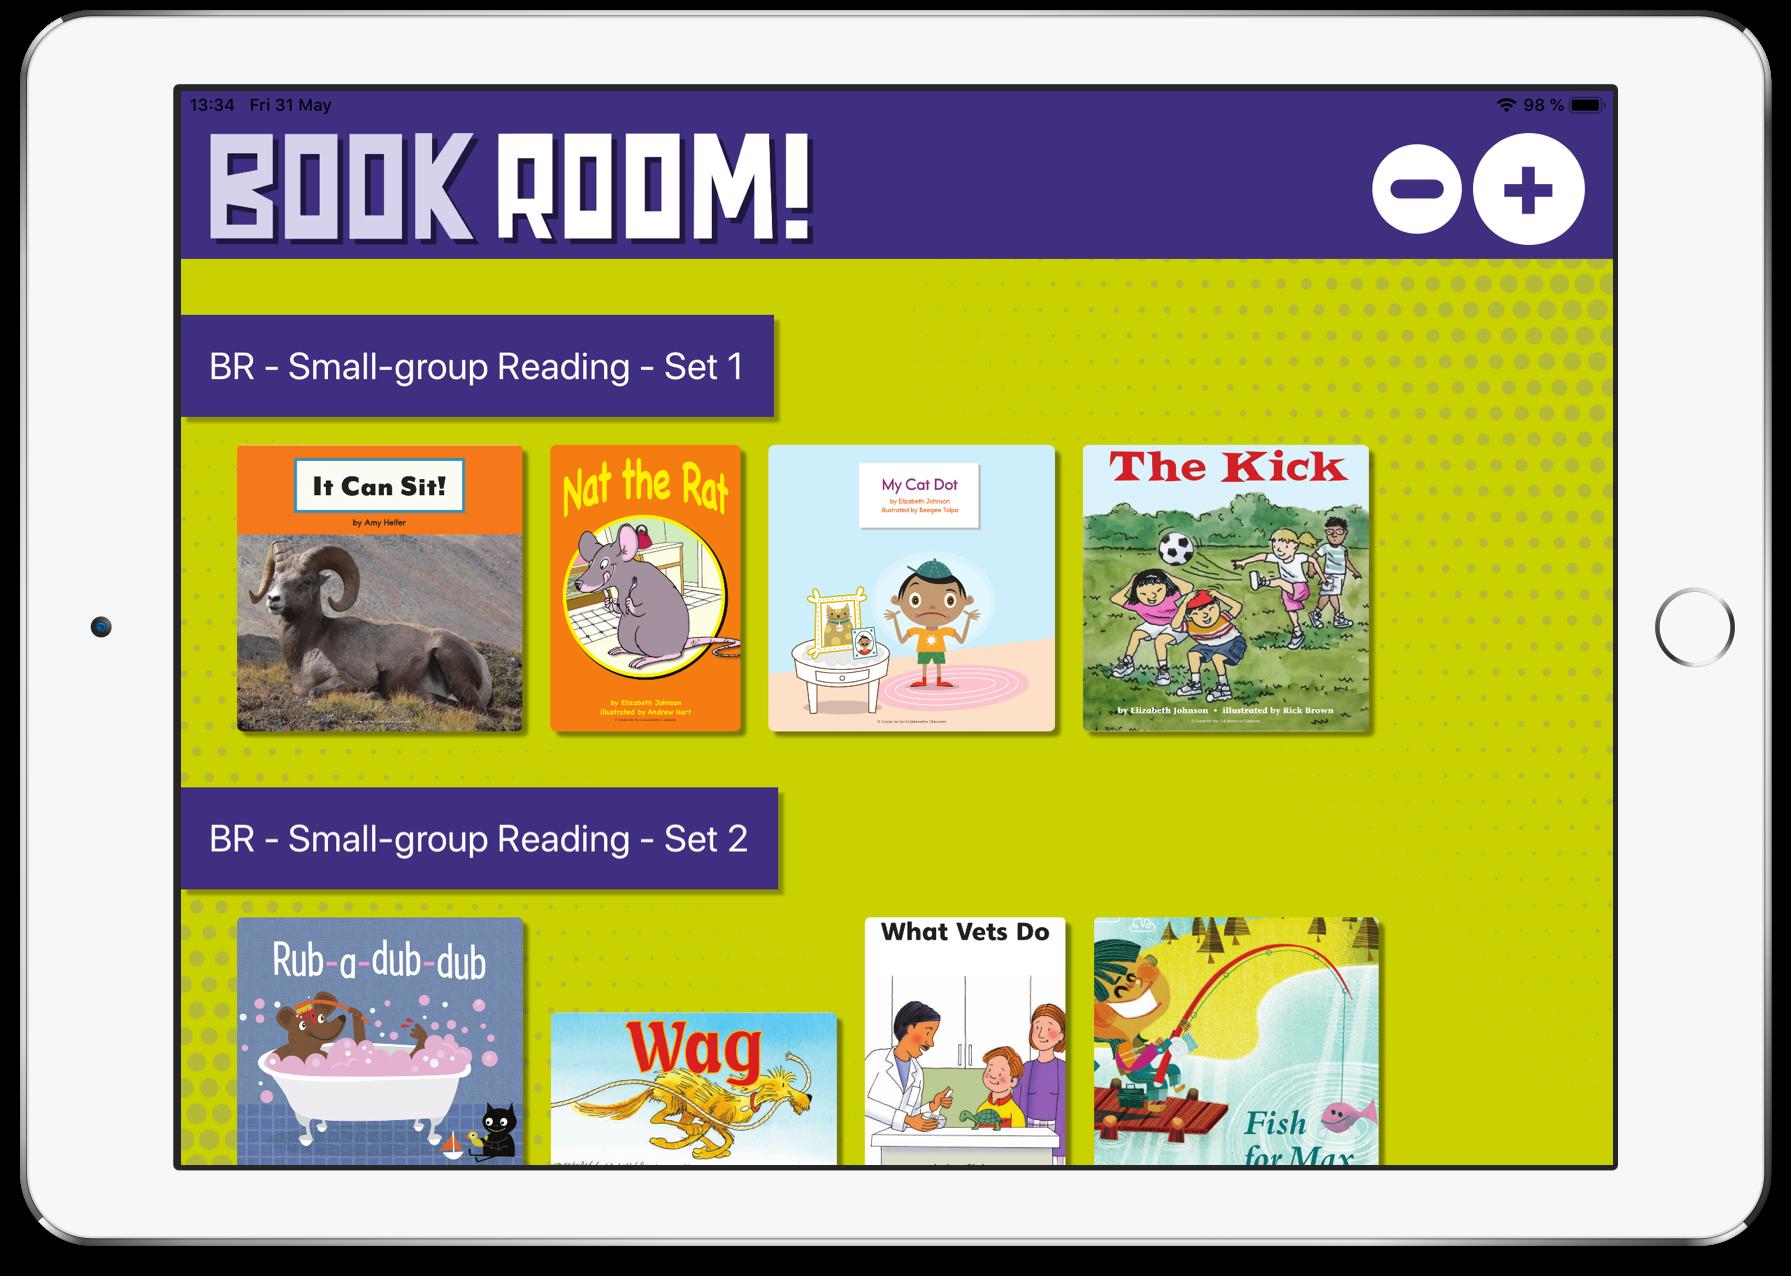 BookRoom! iPad home